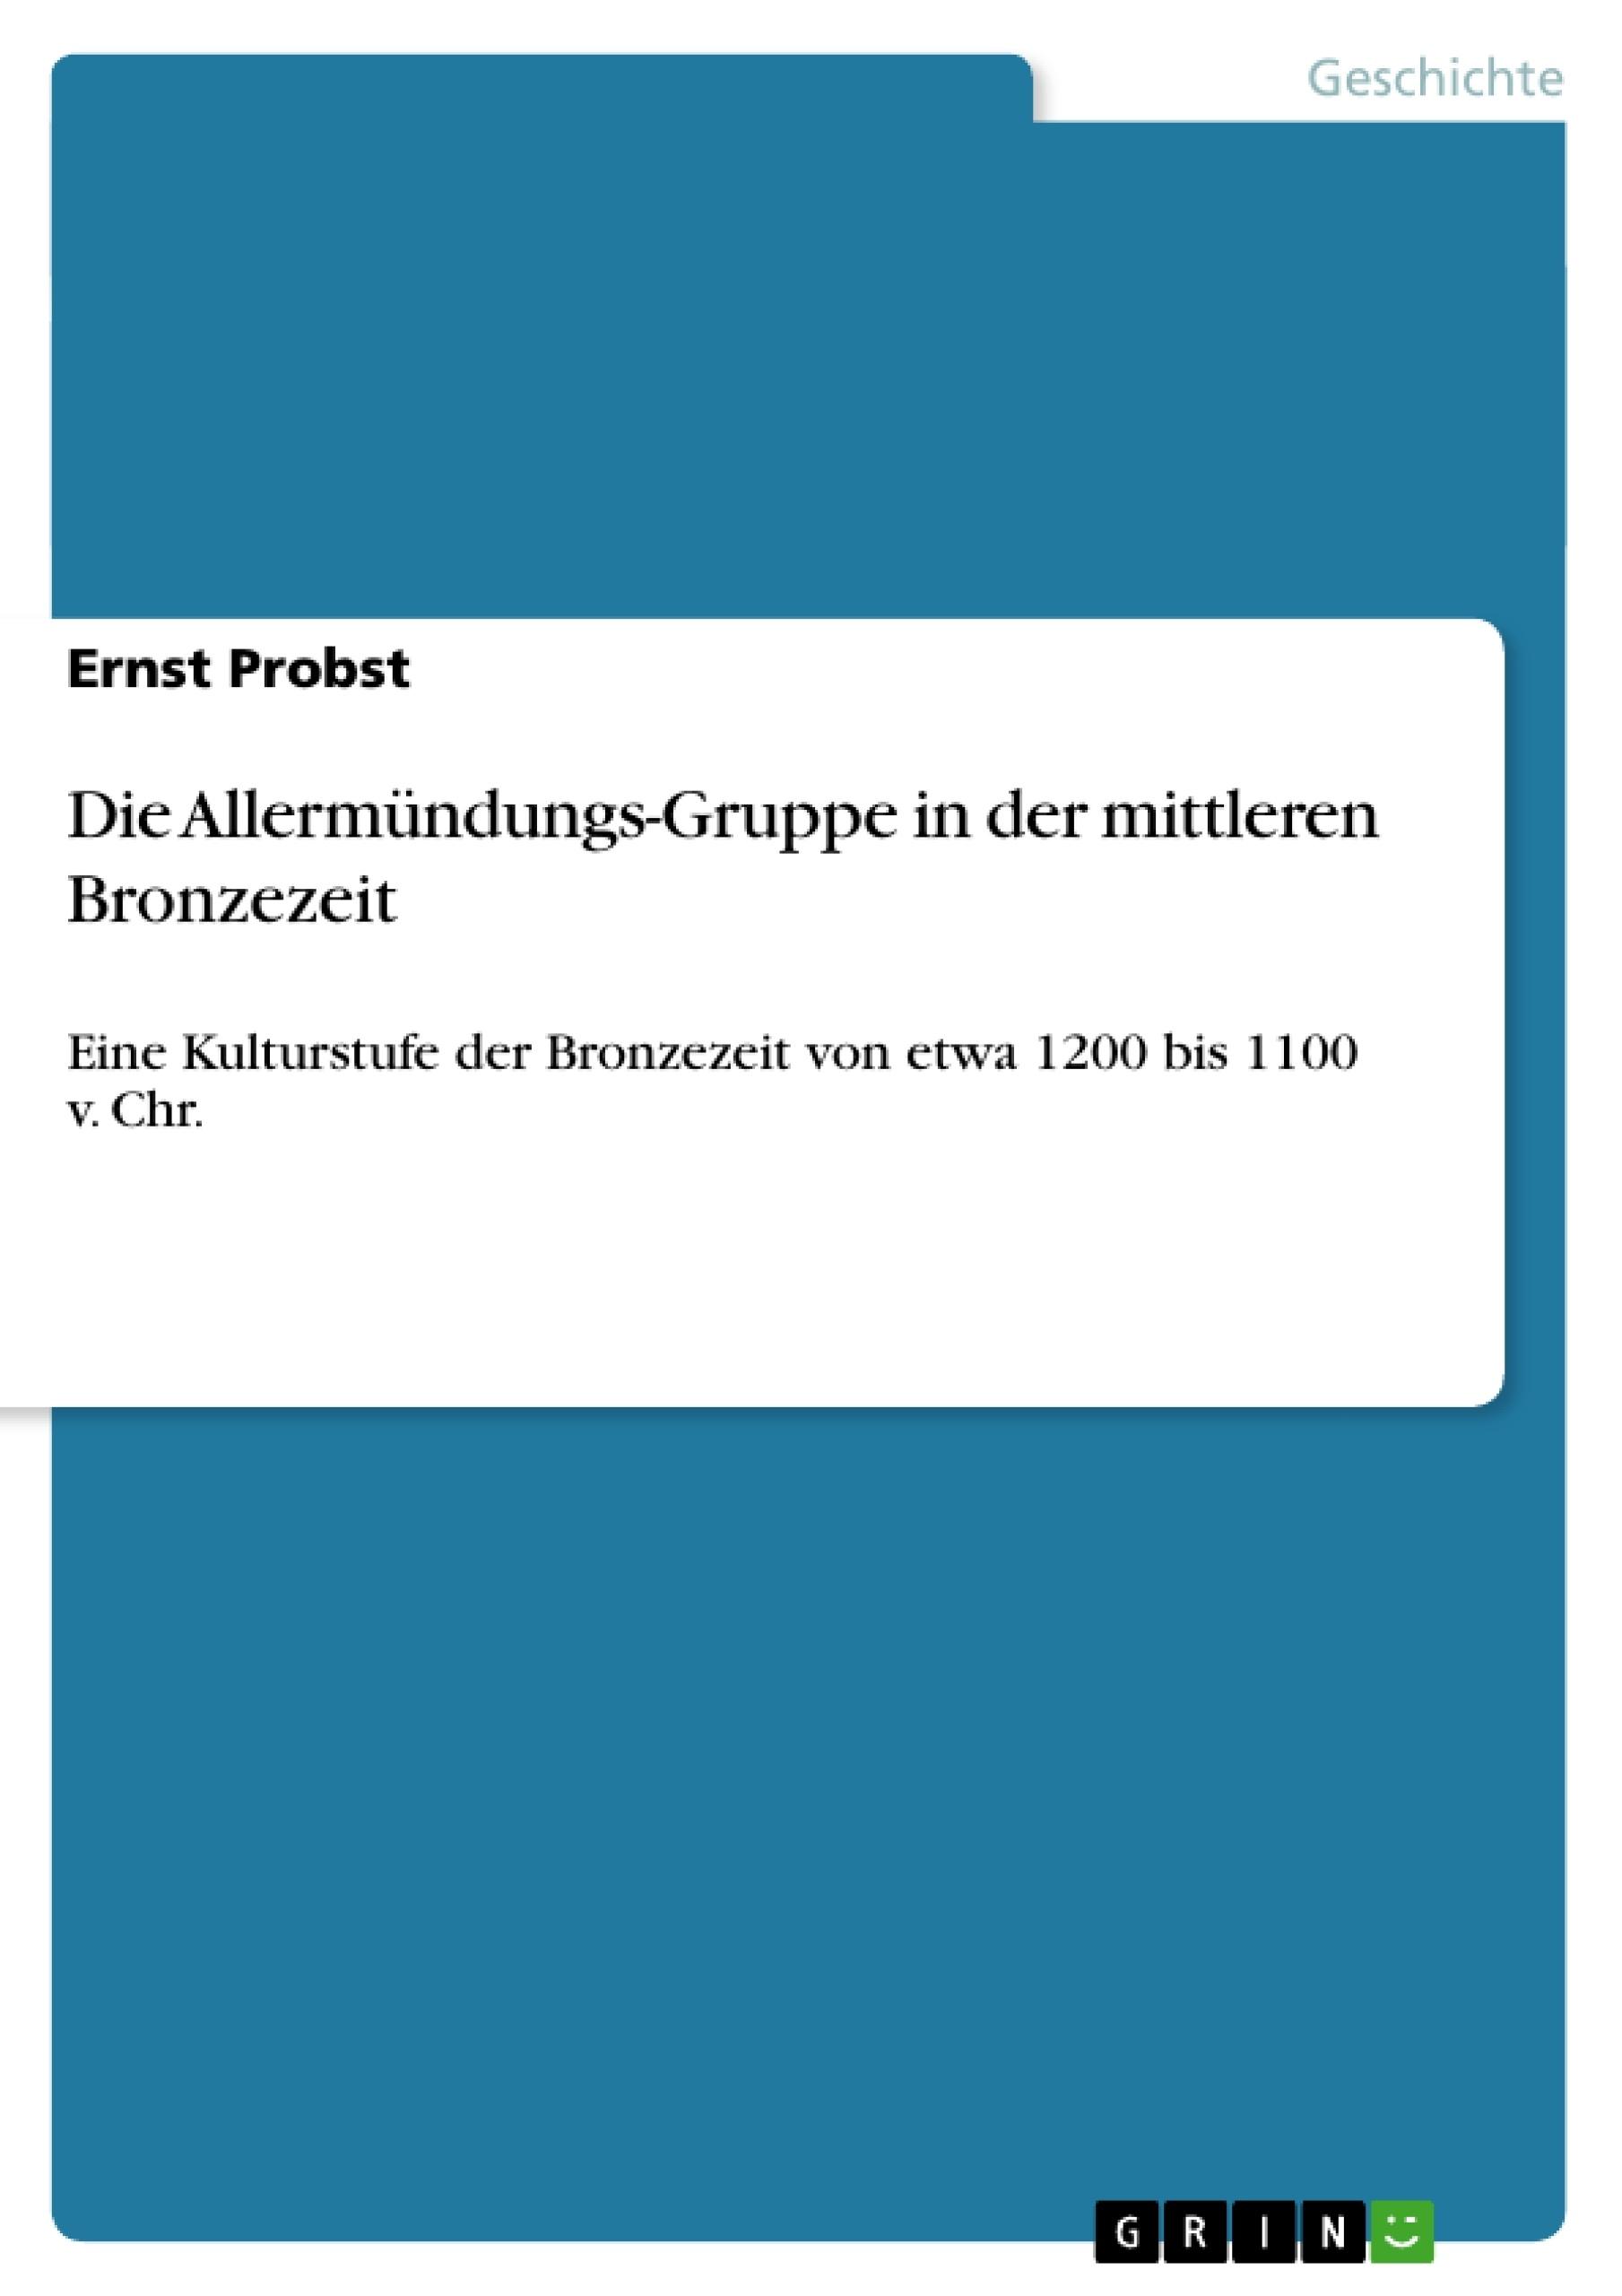 Titel: Die Allermündungs-Gruppe in der mittleren Bronzezeit